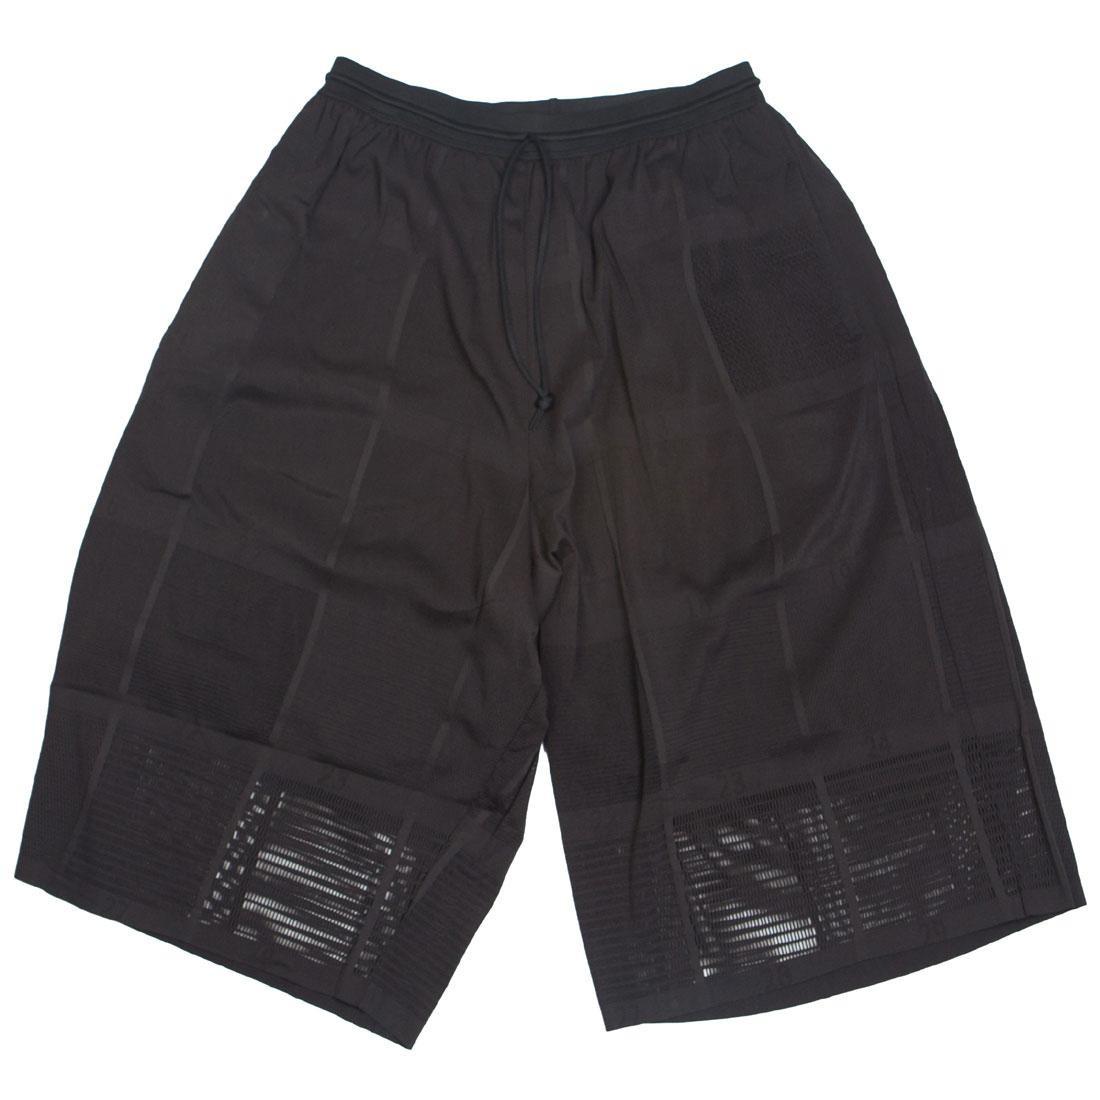 Adidas Y-3 Unisex Batchwork Mesh Shorts (black)